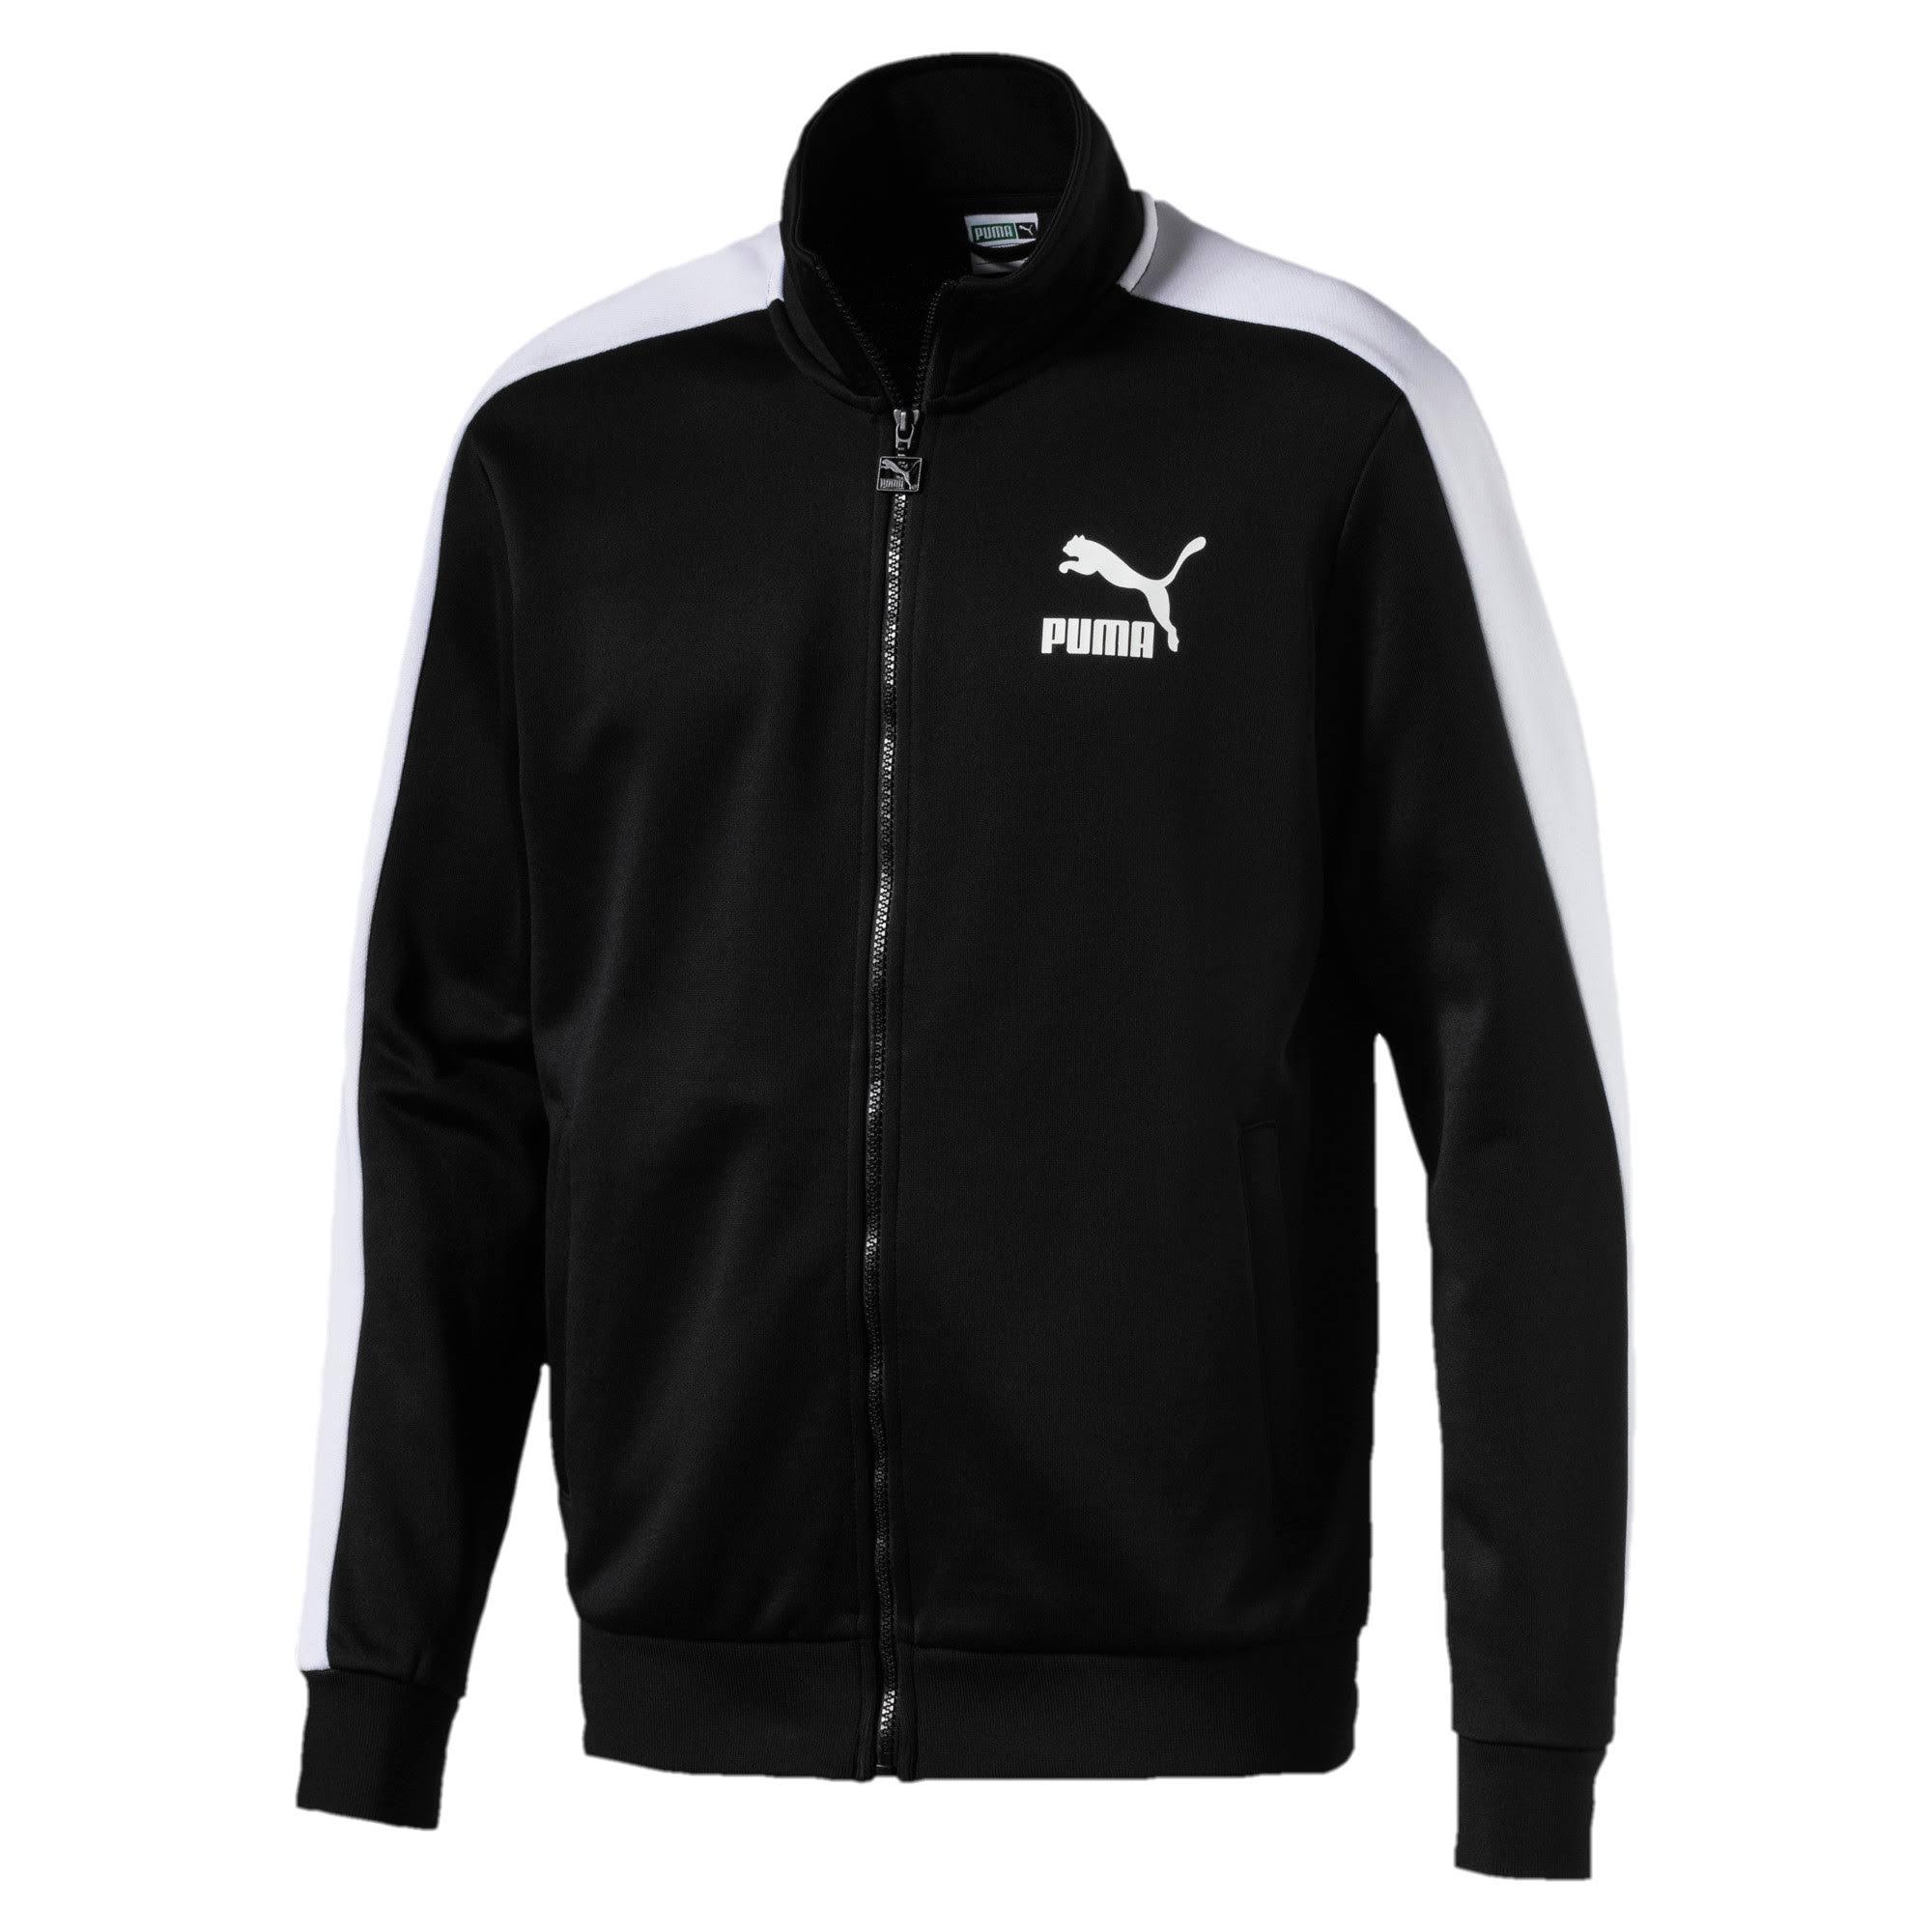 Pequeña Para T7 Chaqueta Deportiva Hombre Negra Talla Puma Classics I00Z1w